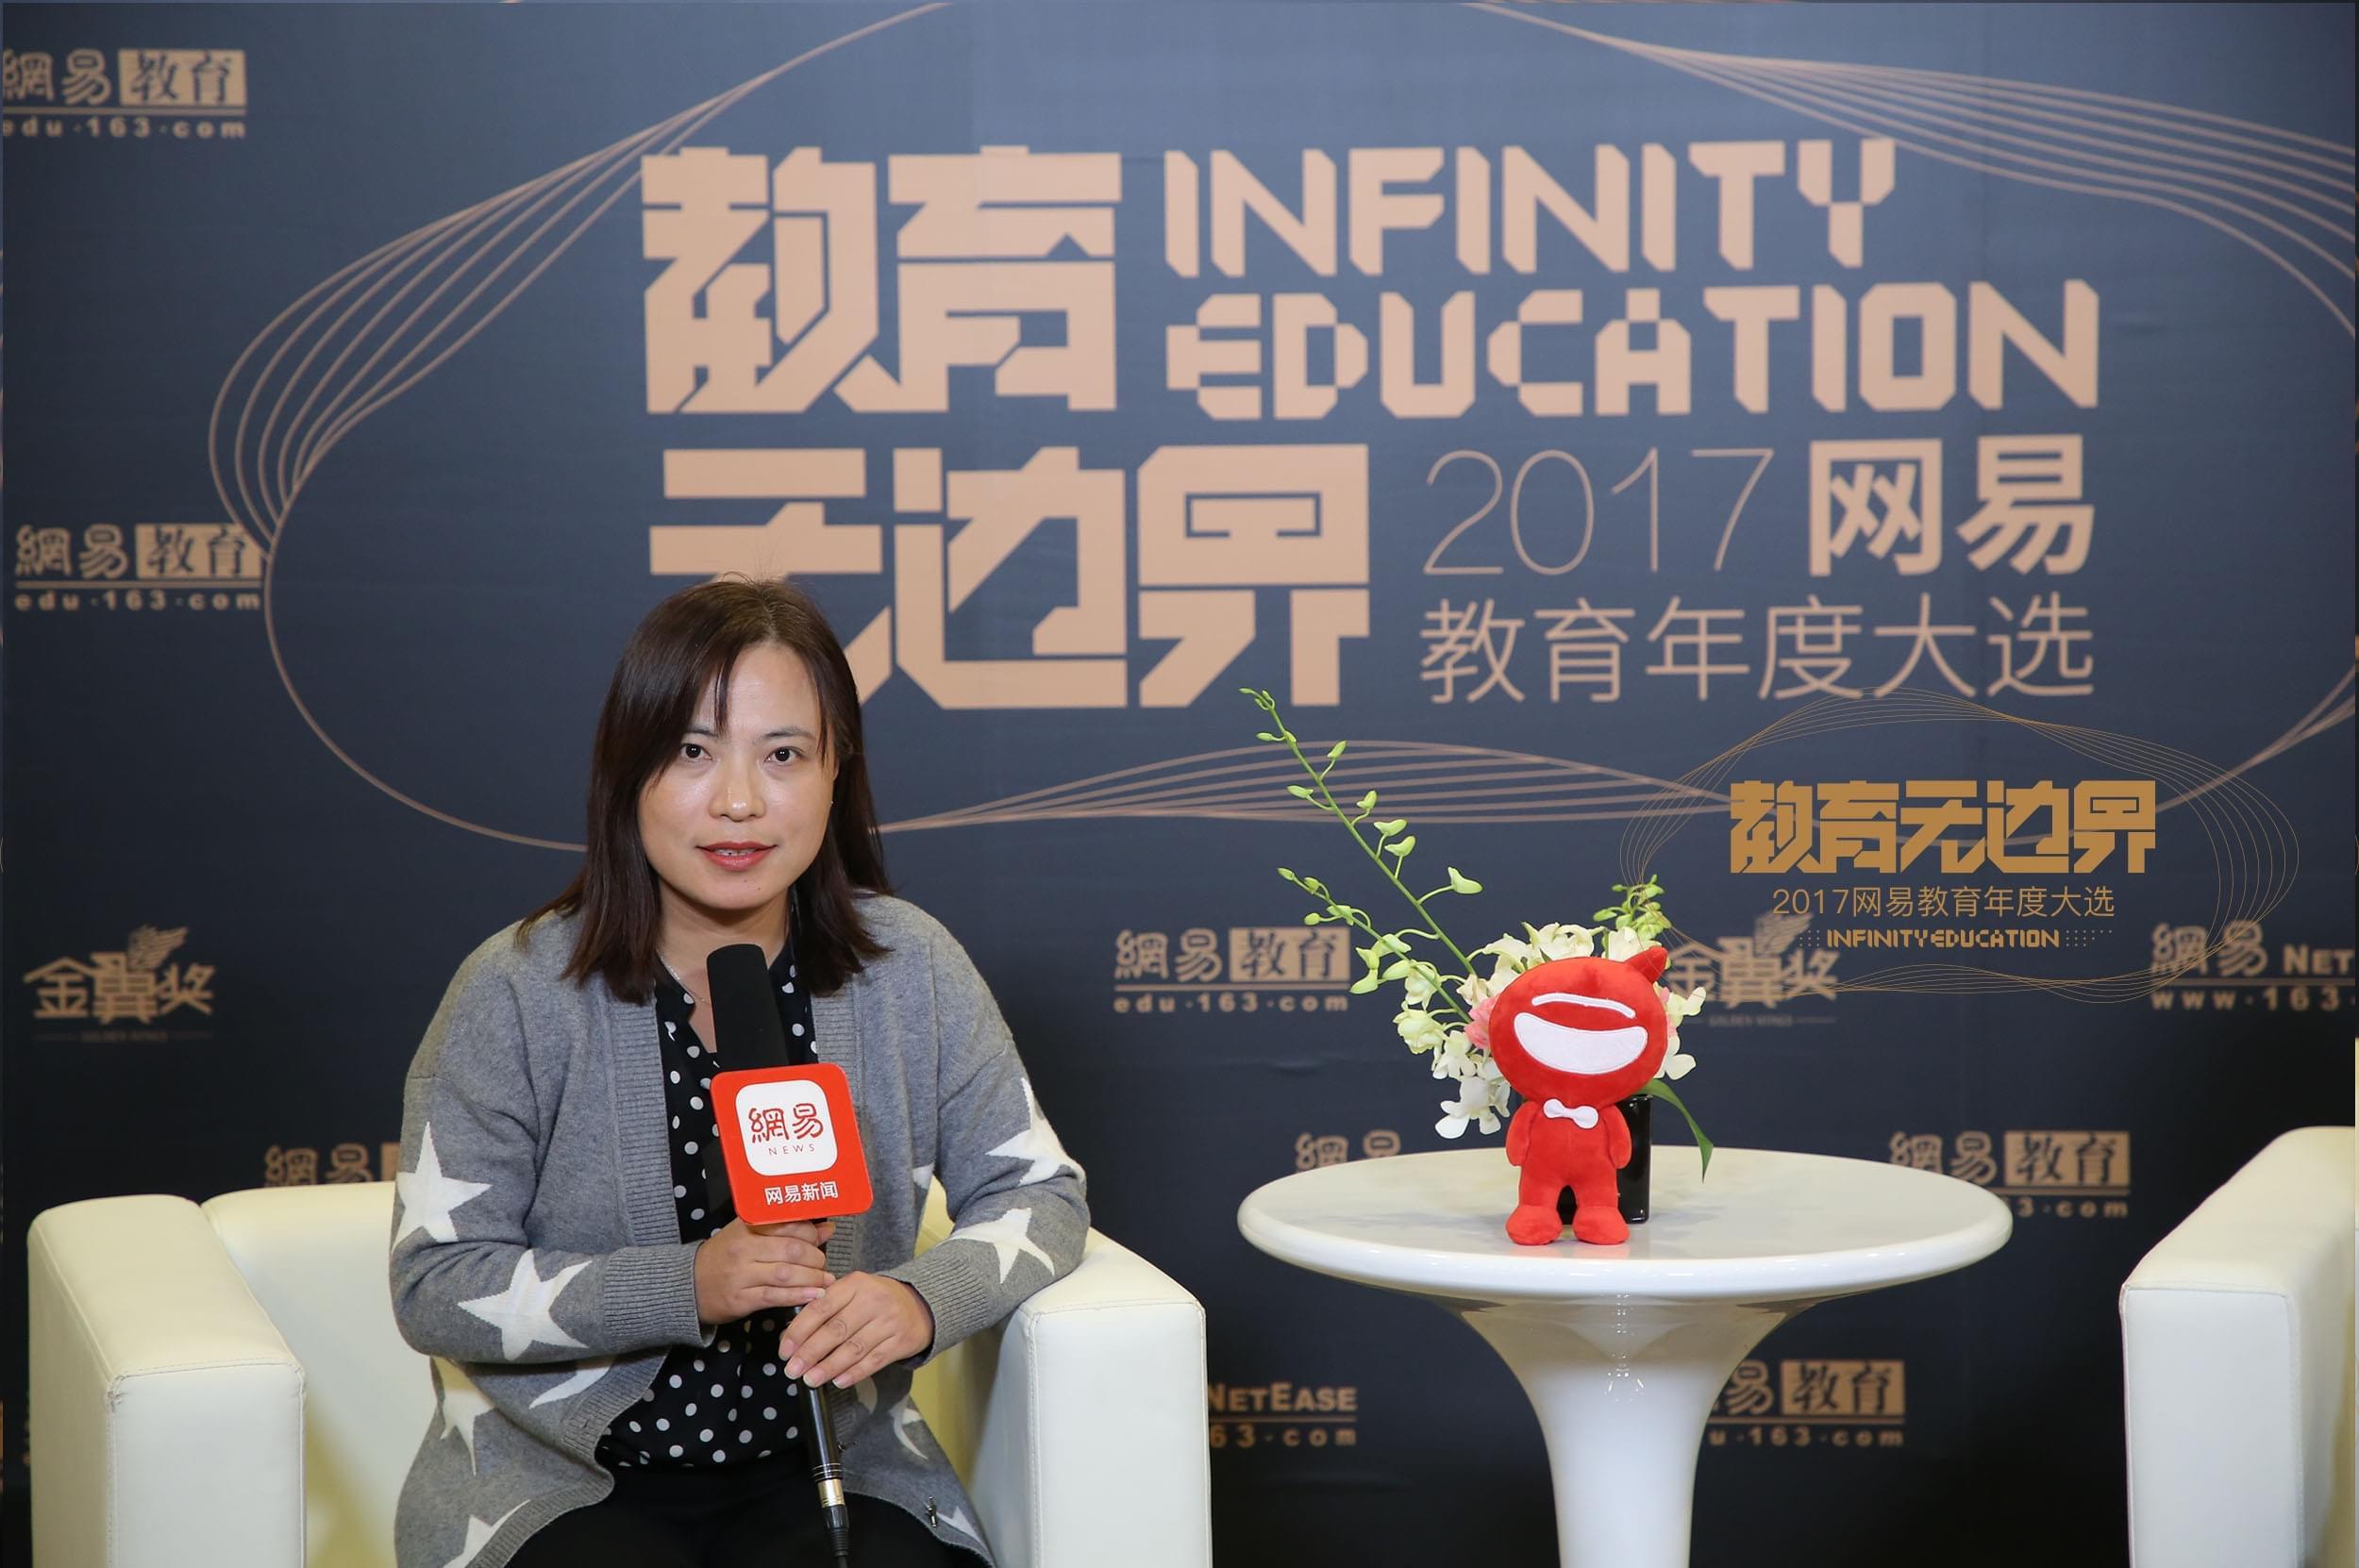 100课堂侯艳红:让更多孩子享受到优质教育资源